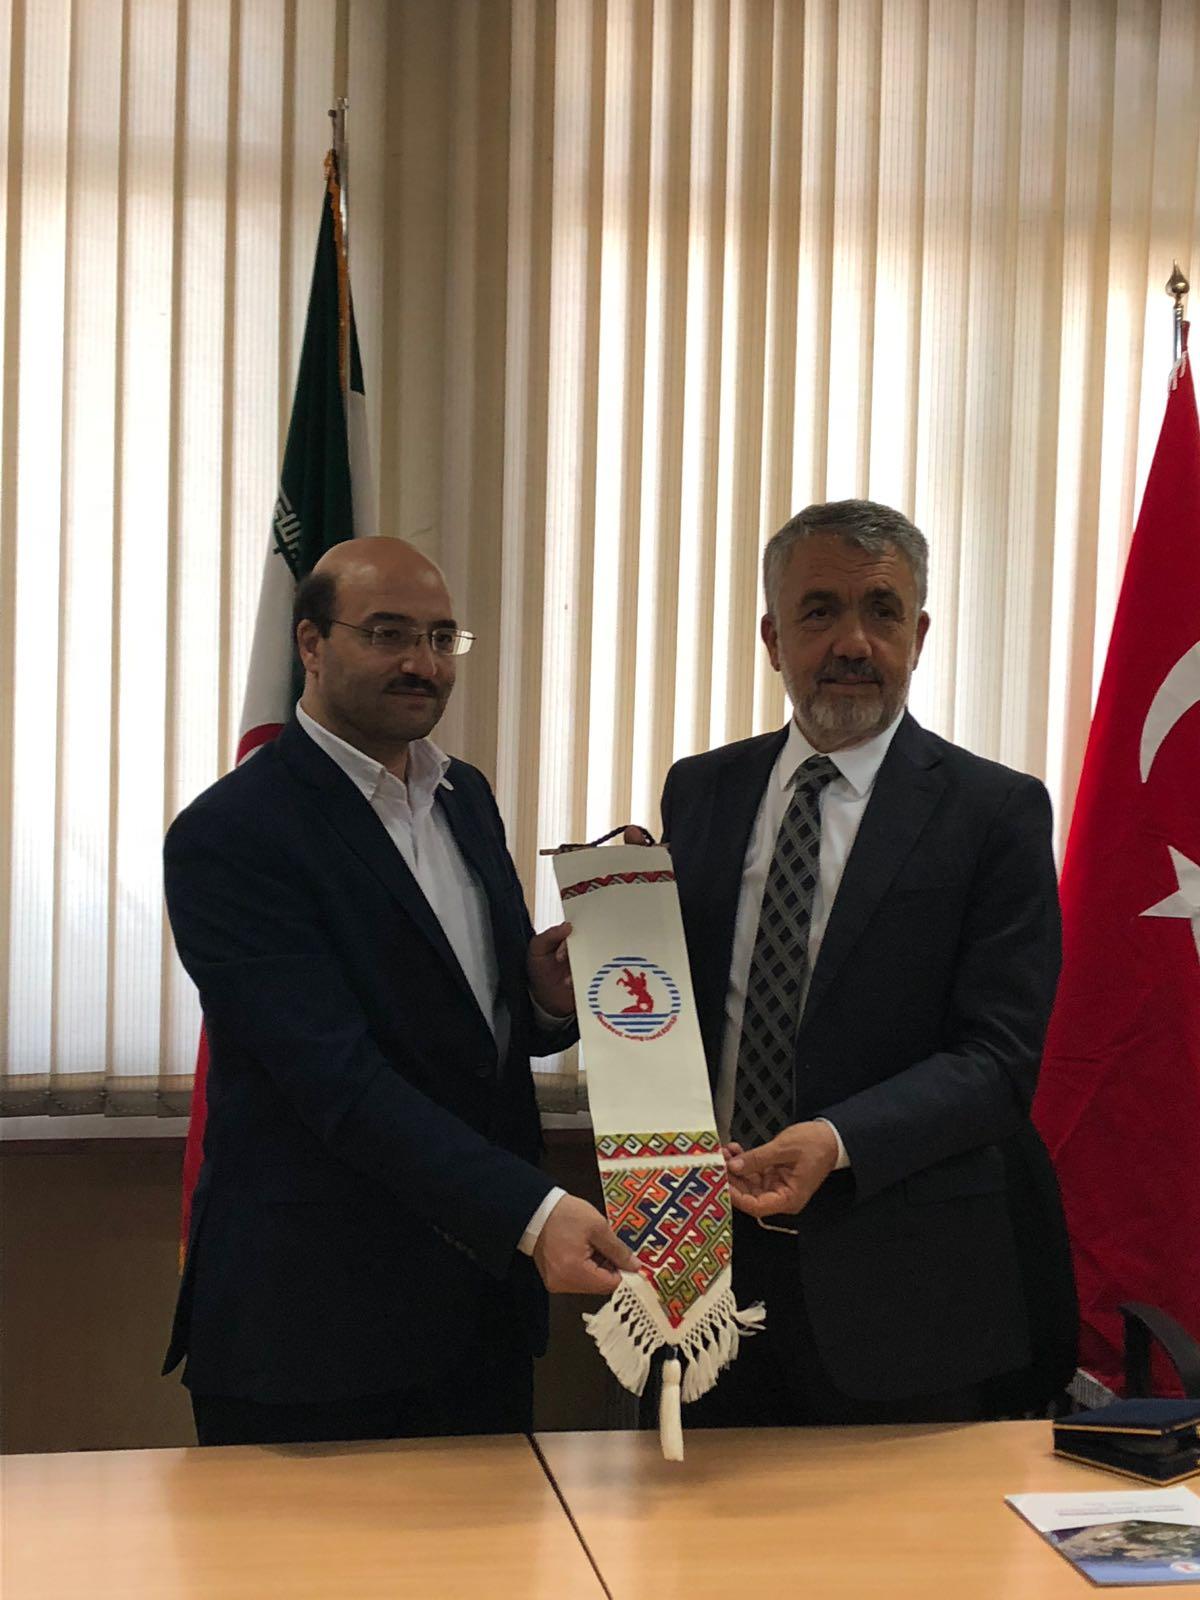 http://www.omu.edu.tr/sites/default/files/files/omu_ile_tahran_universitesi_is_birligi_yapacak/6_omu_iran_ziyaret_isletme_fak_8.jpeg